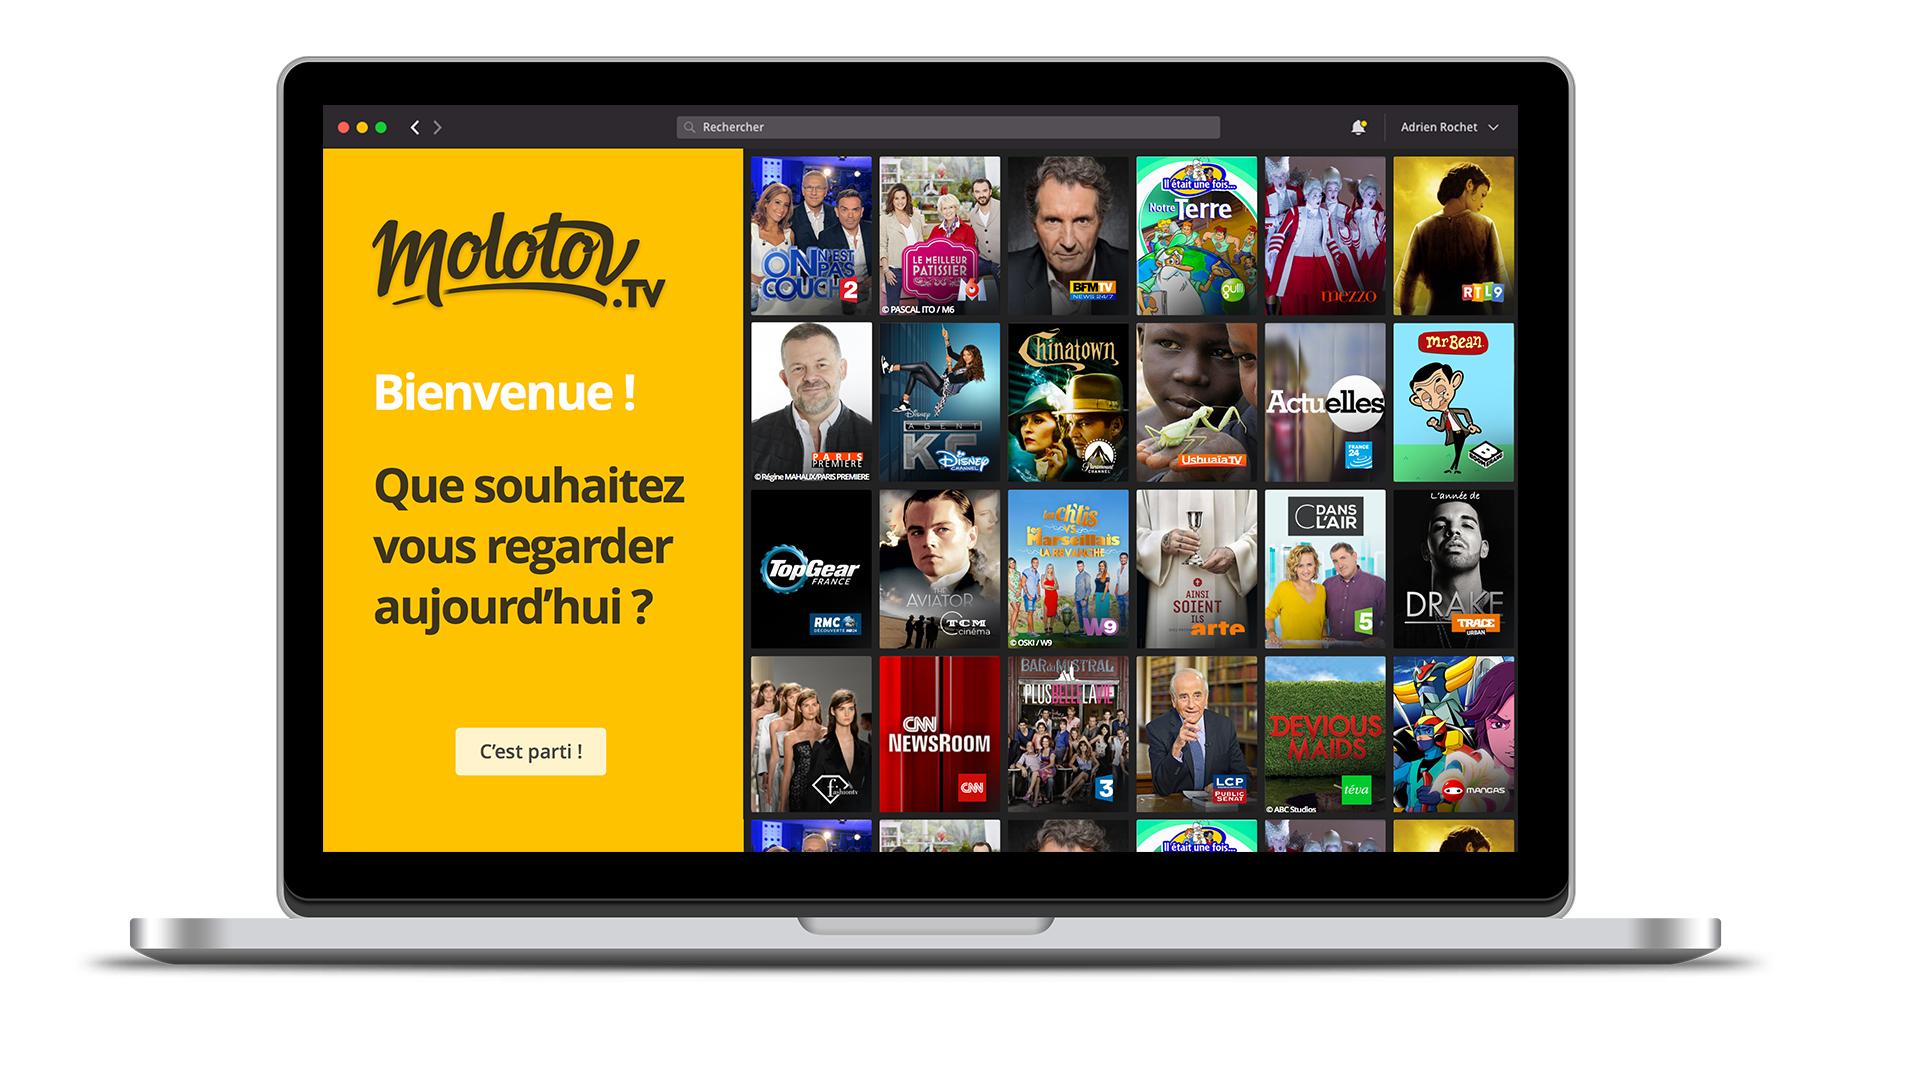 Molotov l 39 app pour regarder la tv sur iphone ipad et for Application miroir pour ipad